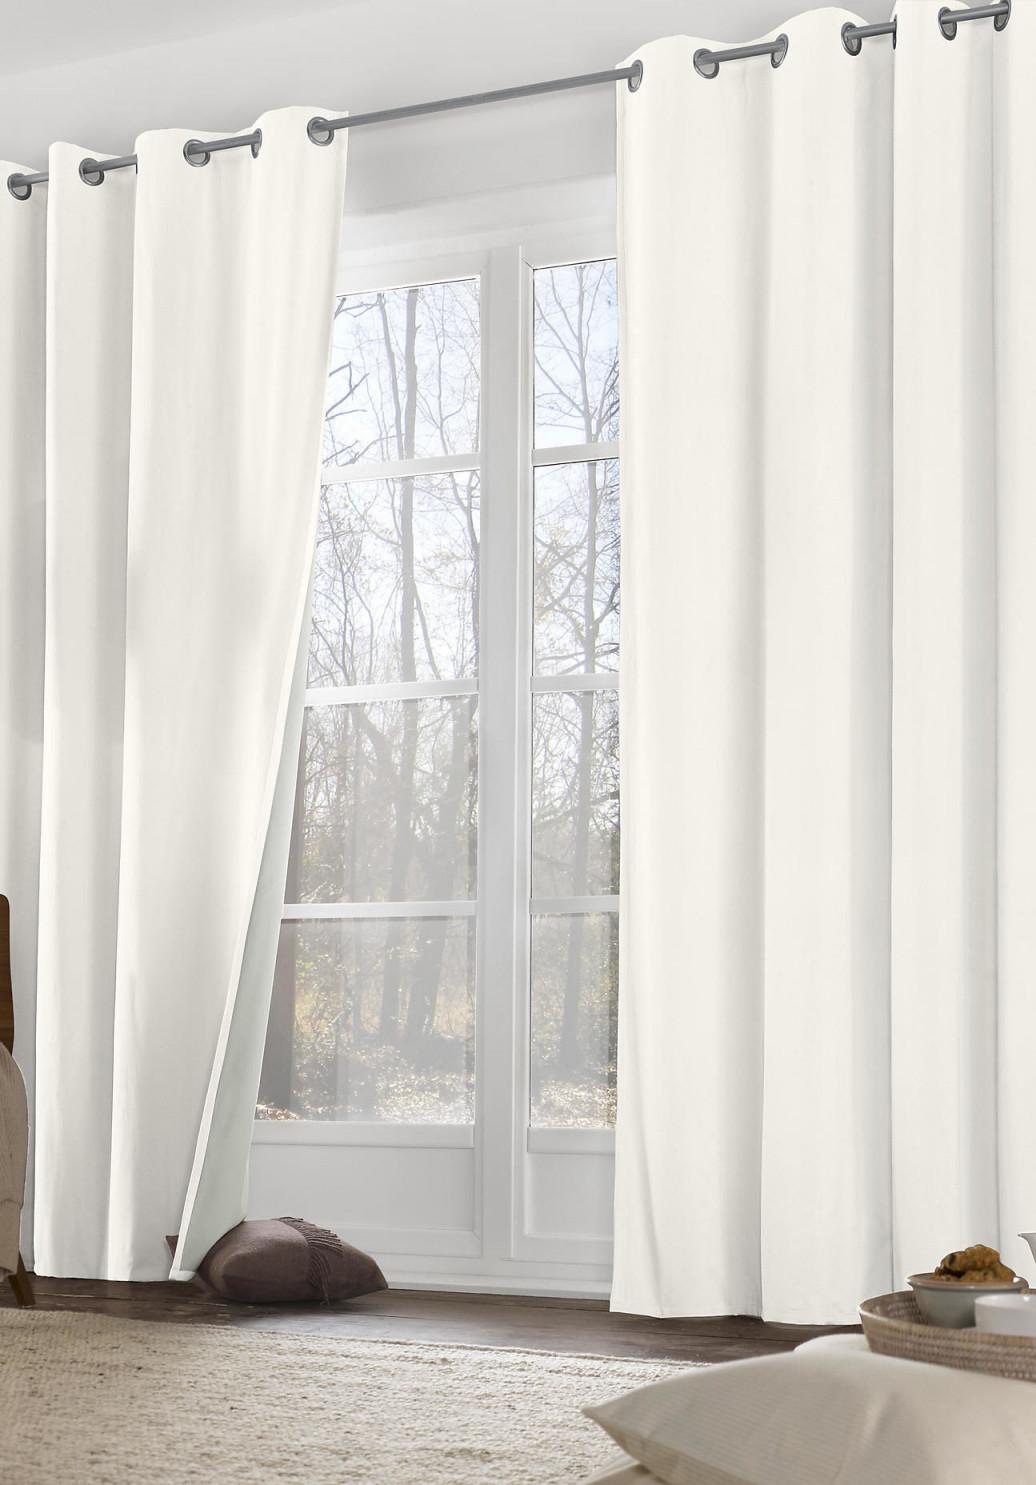 Die Schönsten Ideen Für Vorhänge  Gardinen von Gardinen Dekorationsvorschläge Wohnzimmer Modern Bild